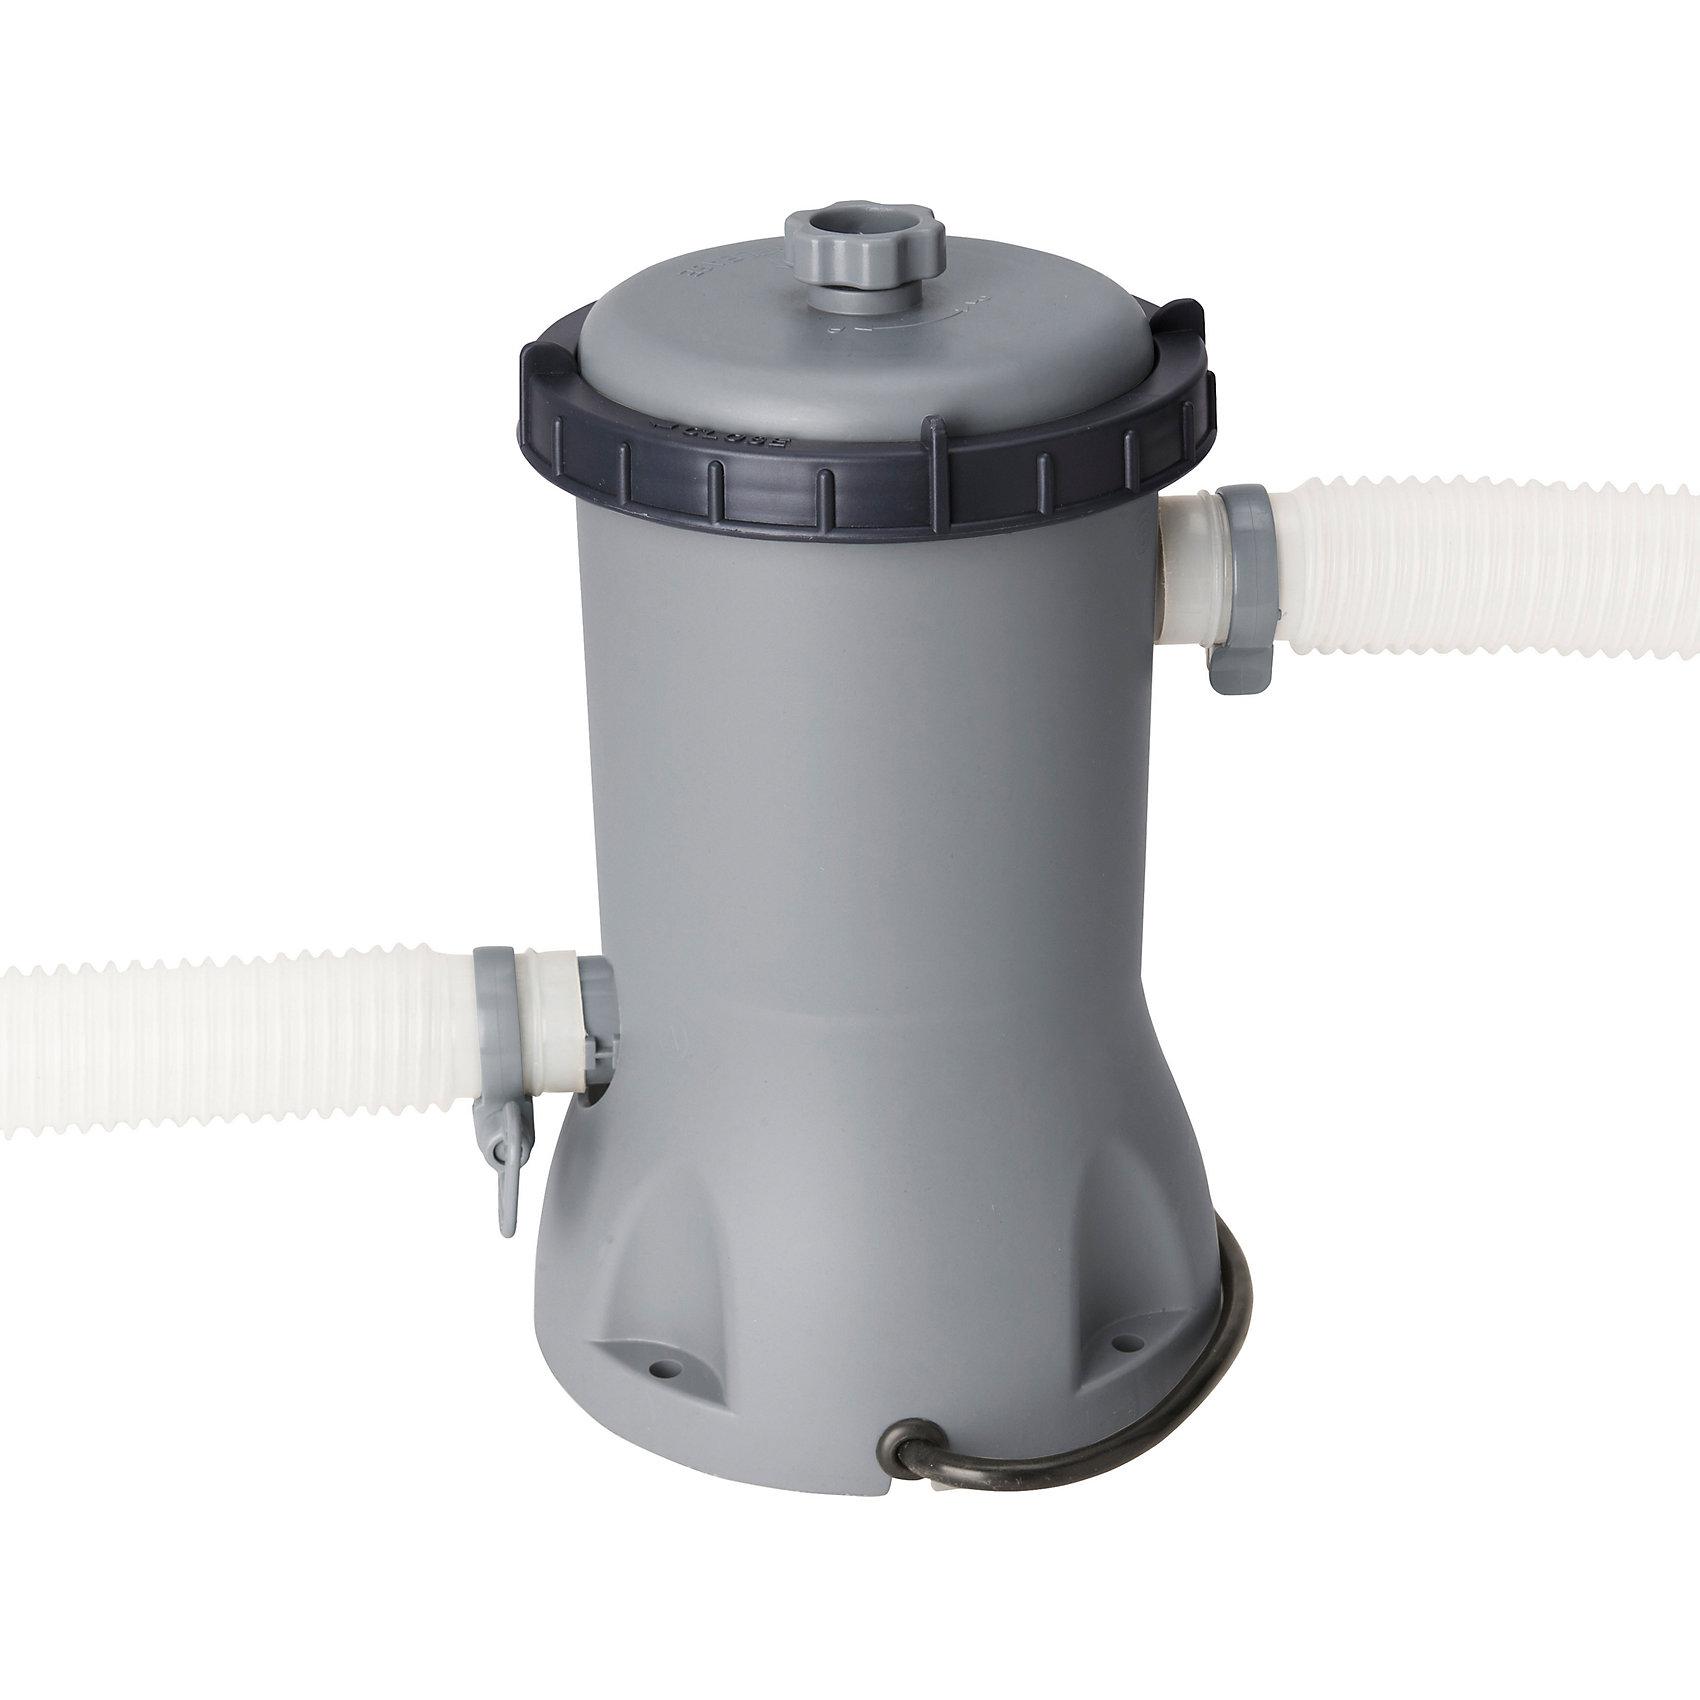 Фильтр-насос 2006 л/час, серый, BestwayНасосы и аксессуары для бассейнов<br>Фильтр-насос 2006 л/час, серый, Bestway (Бествей)<br><br>Характеристики:<br><br>• очищает воду от грязи <br>• подходит для бассейнов объемом до 8500 л<br>• производительность: 2006 л/час<br>• мощность: 46 Вт<br>• соединение: под хомут 32 и 38 мм<br>• вес: 2,5 кг<br>• цвет: серый<br><br>Фильтр-насос Bestway очистит воду в бассейне от листьев, насекомых, мусора и других загрязнений. Производительность насоса составляет 200 литров в час. Насос подходит для бассейнов объемом, не превышающим 8500 литров. <br><br>Фильтр-насос 2006 л/час, серый, Bestway (Бествей) можно купить в нашем интернет-магазине.<br><br>Ширина мм: 540<br>Глубина мм: 540<br>Высота мм: 340<br>Вес г: 2459<br>Возраст от месяцев: 36<br>Возраст до месяцев: 2147483647<br>Пол: Унисекс<br>Возраст: Детский<br>SKU: 5487026